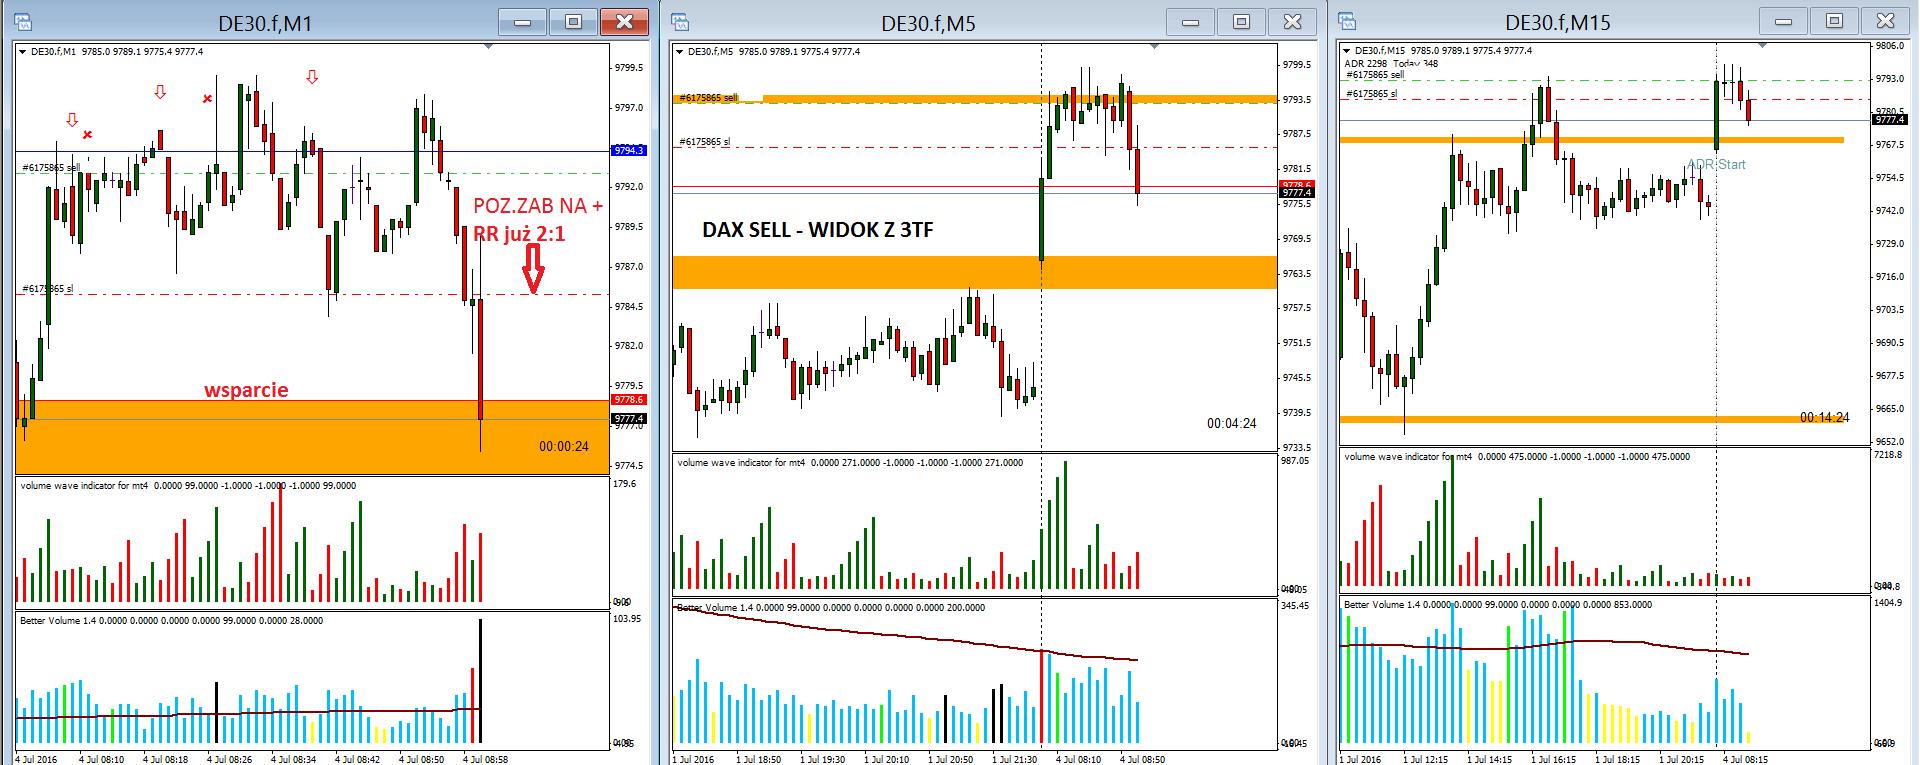 4-forex-skuteczna strategia-myforex-trader-trading-waluty-dax-prosta strategia tradingowa-broker-sukces-wolumen-vsa-świec japońskie-formacje świecowe-poziomy fibo-scalping